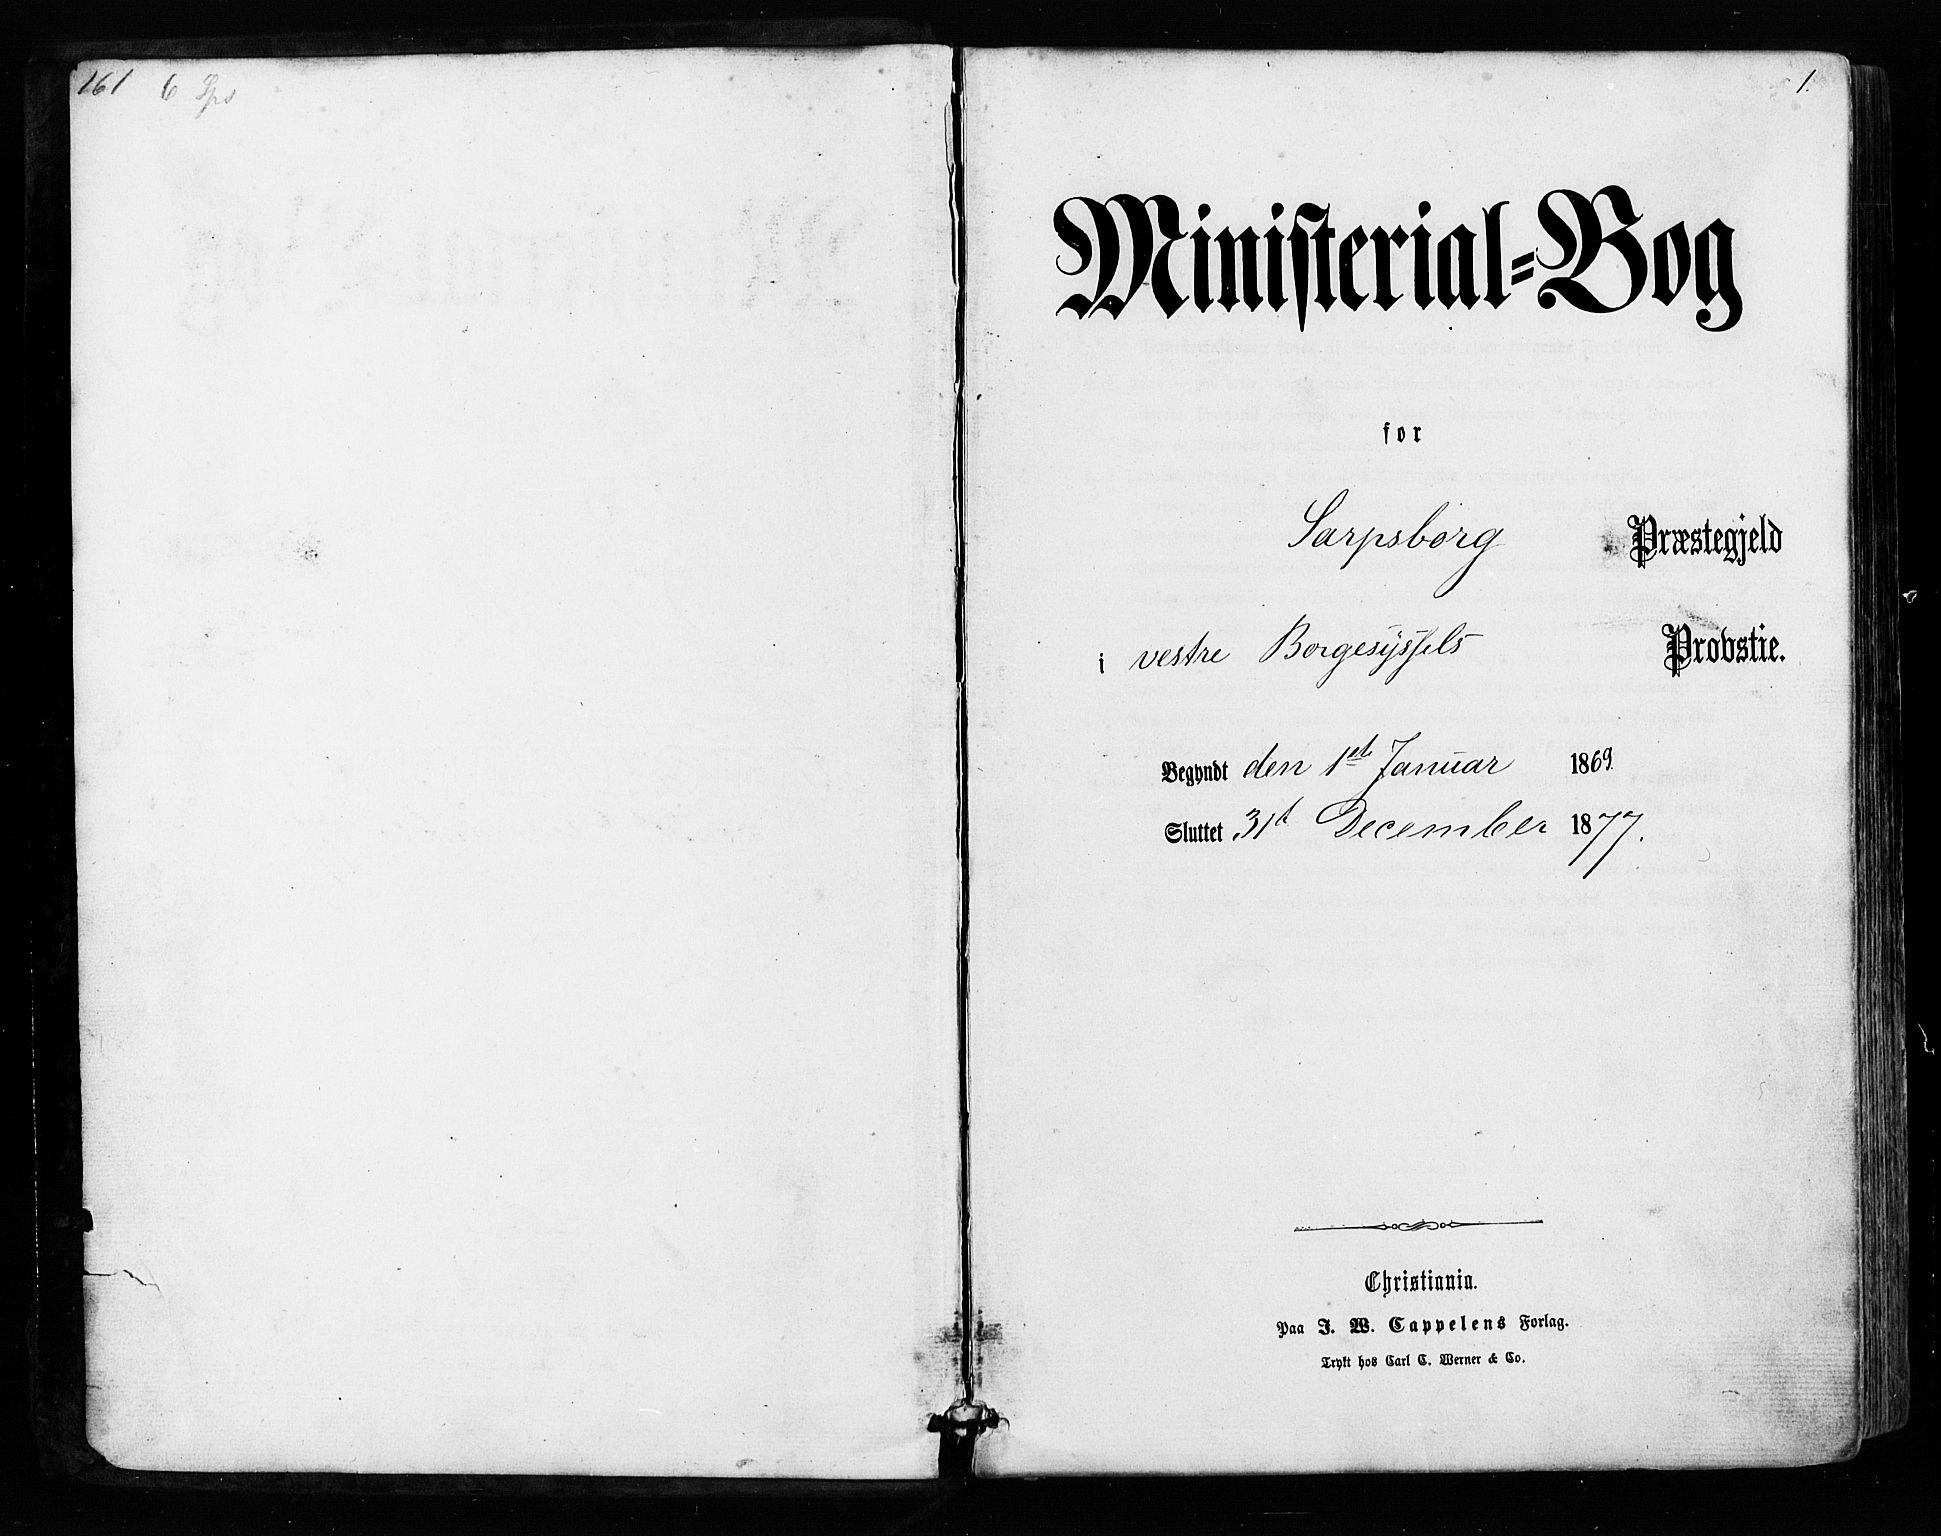 SAO, Sarpsborg prestekontor Kirkebøker, F/Fa/L0002: Ministerialbok nr. 2, 1869-1877, s. 1